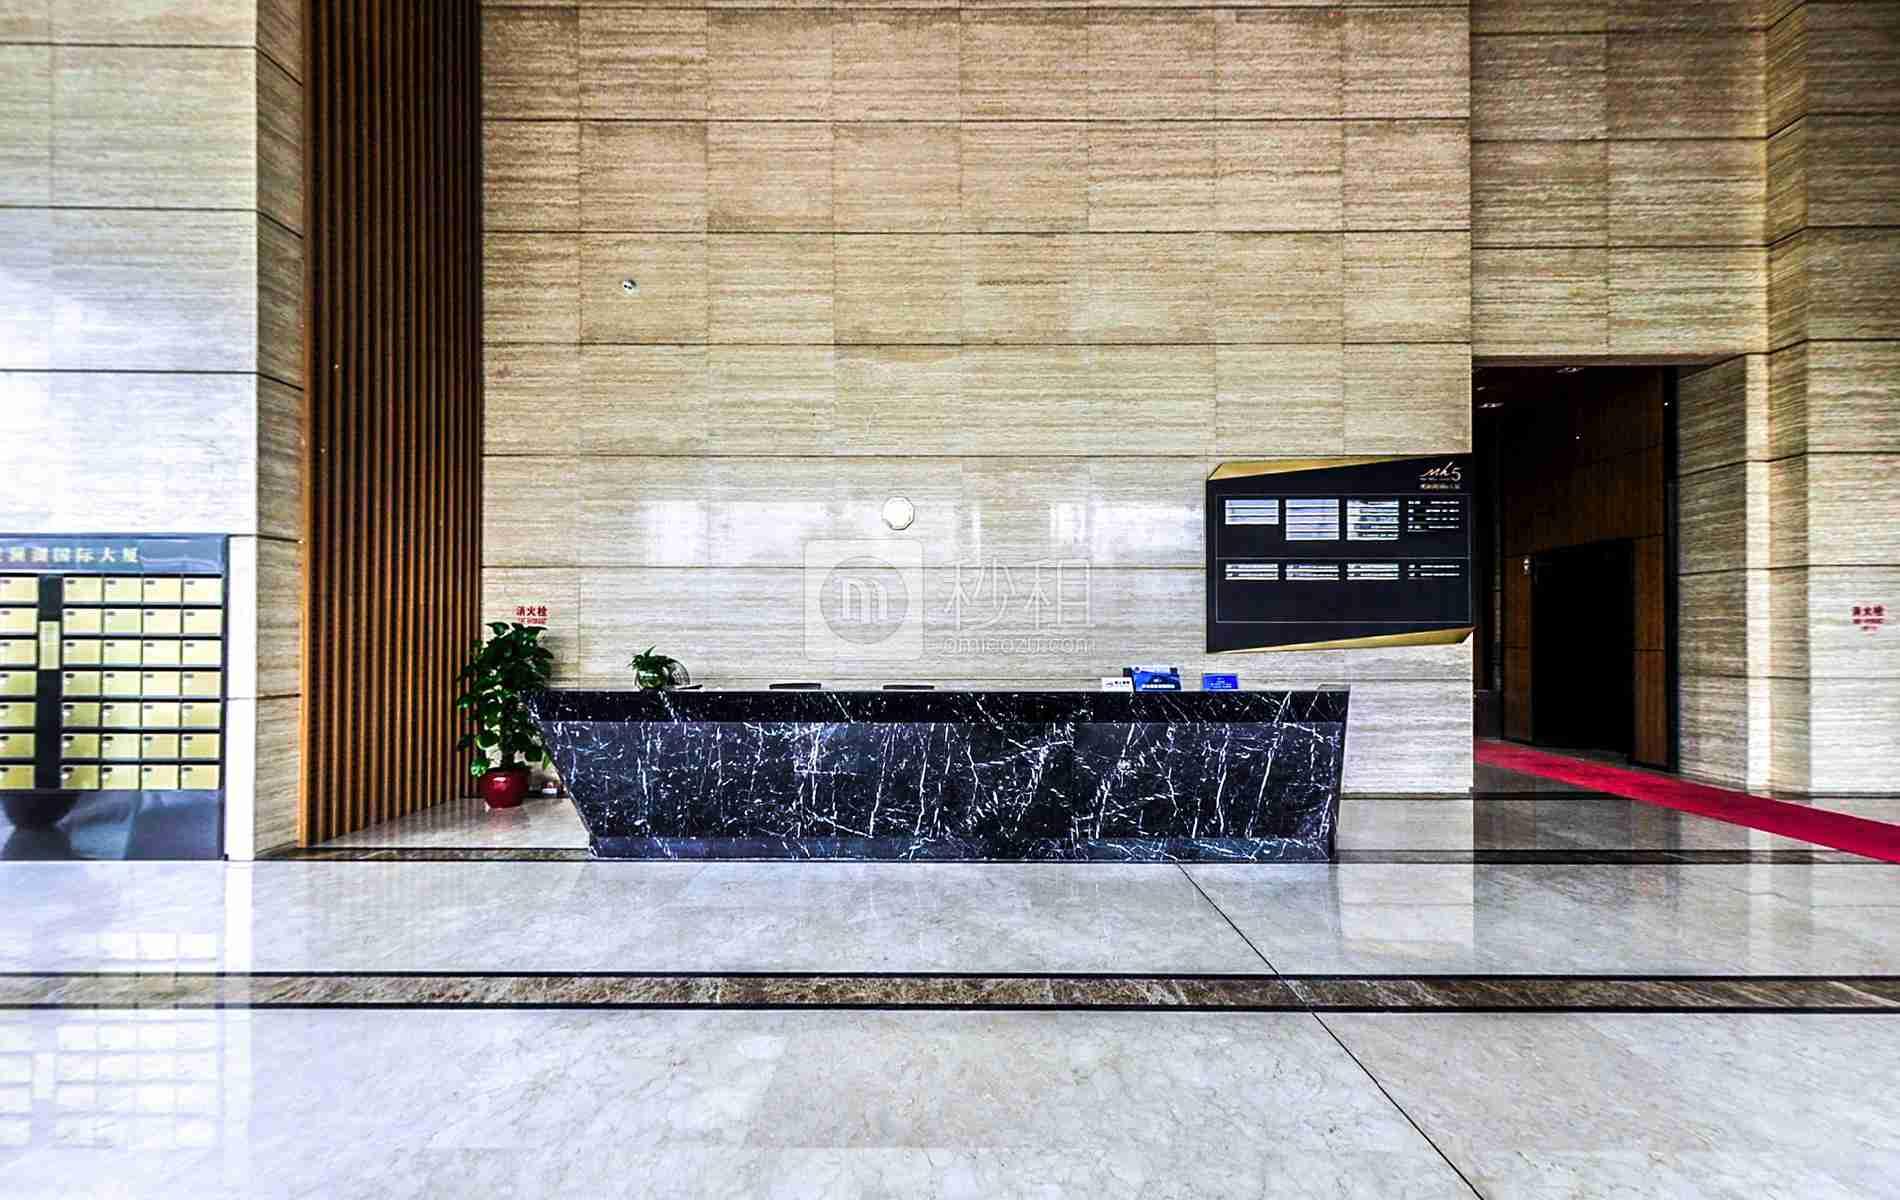 观澜湖国际大厦写字楼出租/招租/租赁,观澜湖国际大厦办公室出租/招租/租赁